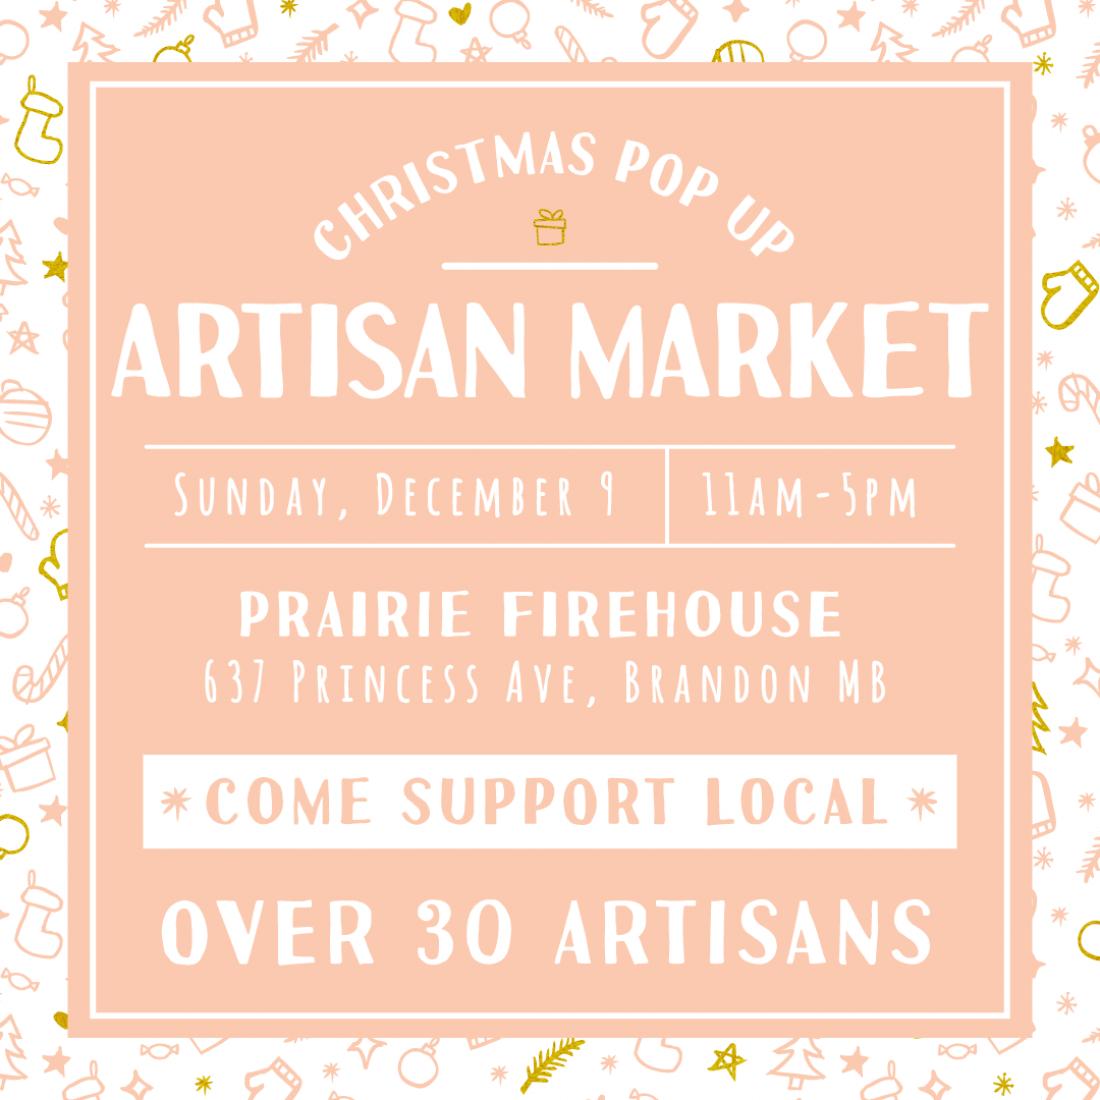 Apple and Pine Artisan Christmas Market